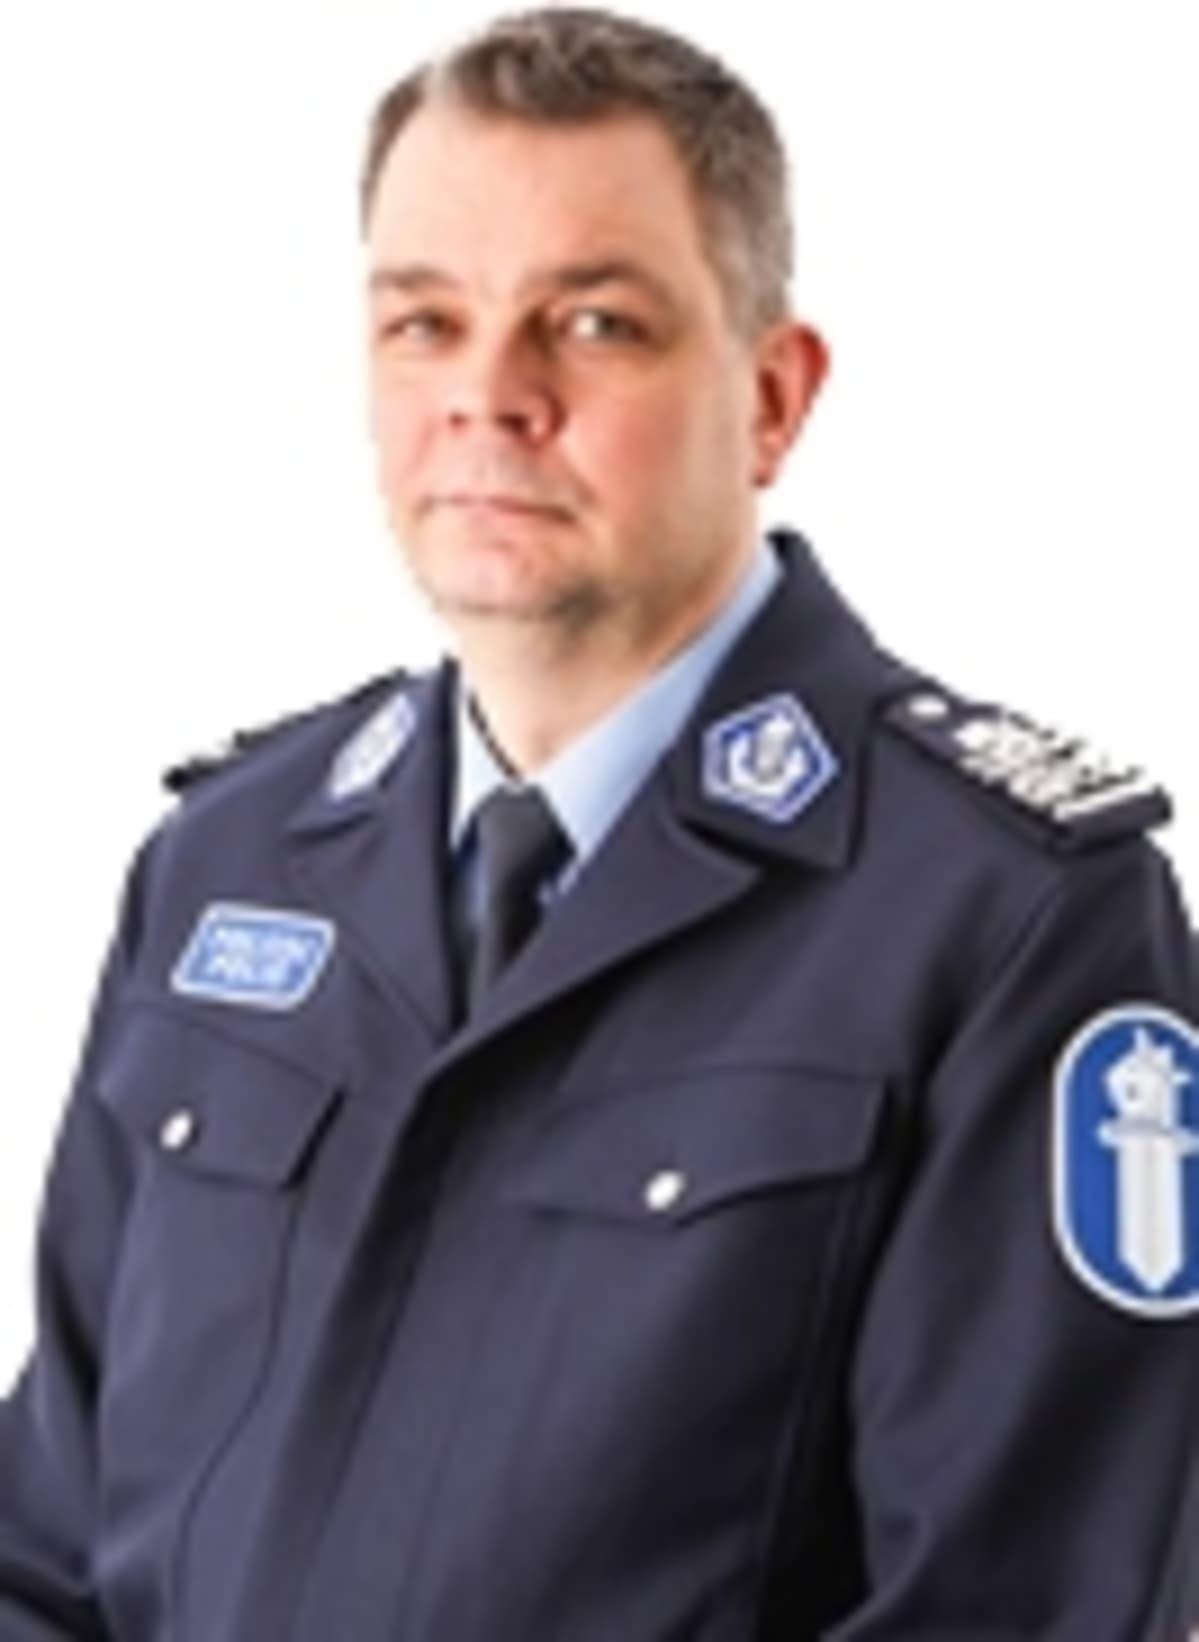 Sisäministeri on nimittänyt OTM Mikko-Petteri Masalinin Itä-Suomen poliisipäälliköksi 1.6.2020 alkaen.